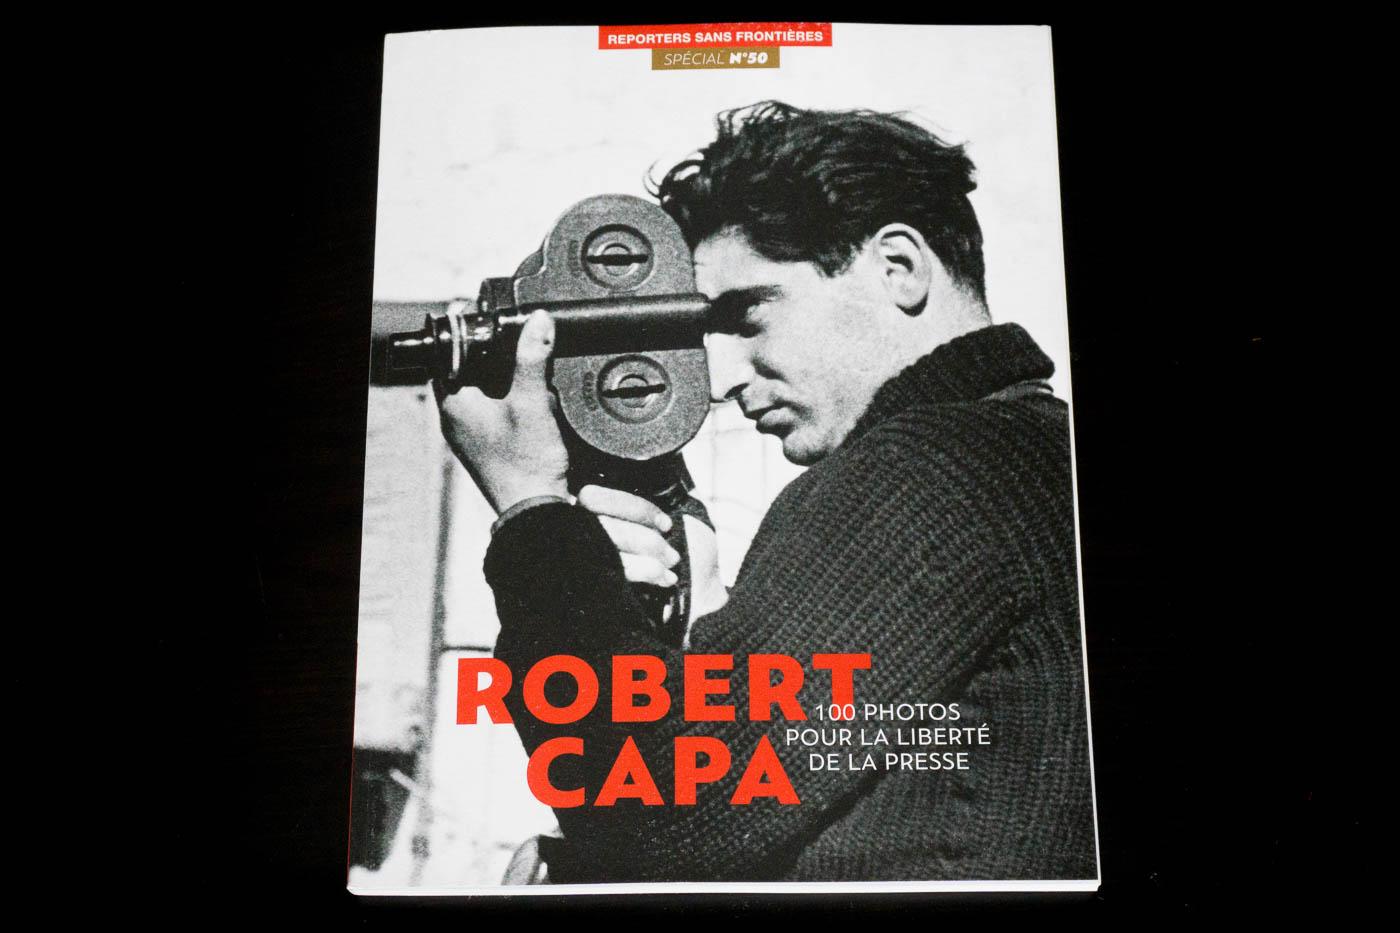 Album Reporters sans frontières : 100 photos pour la liberté de la presse  spécial Robert Capa